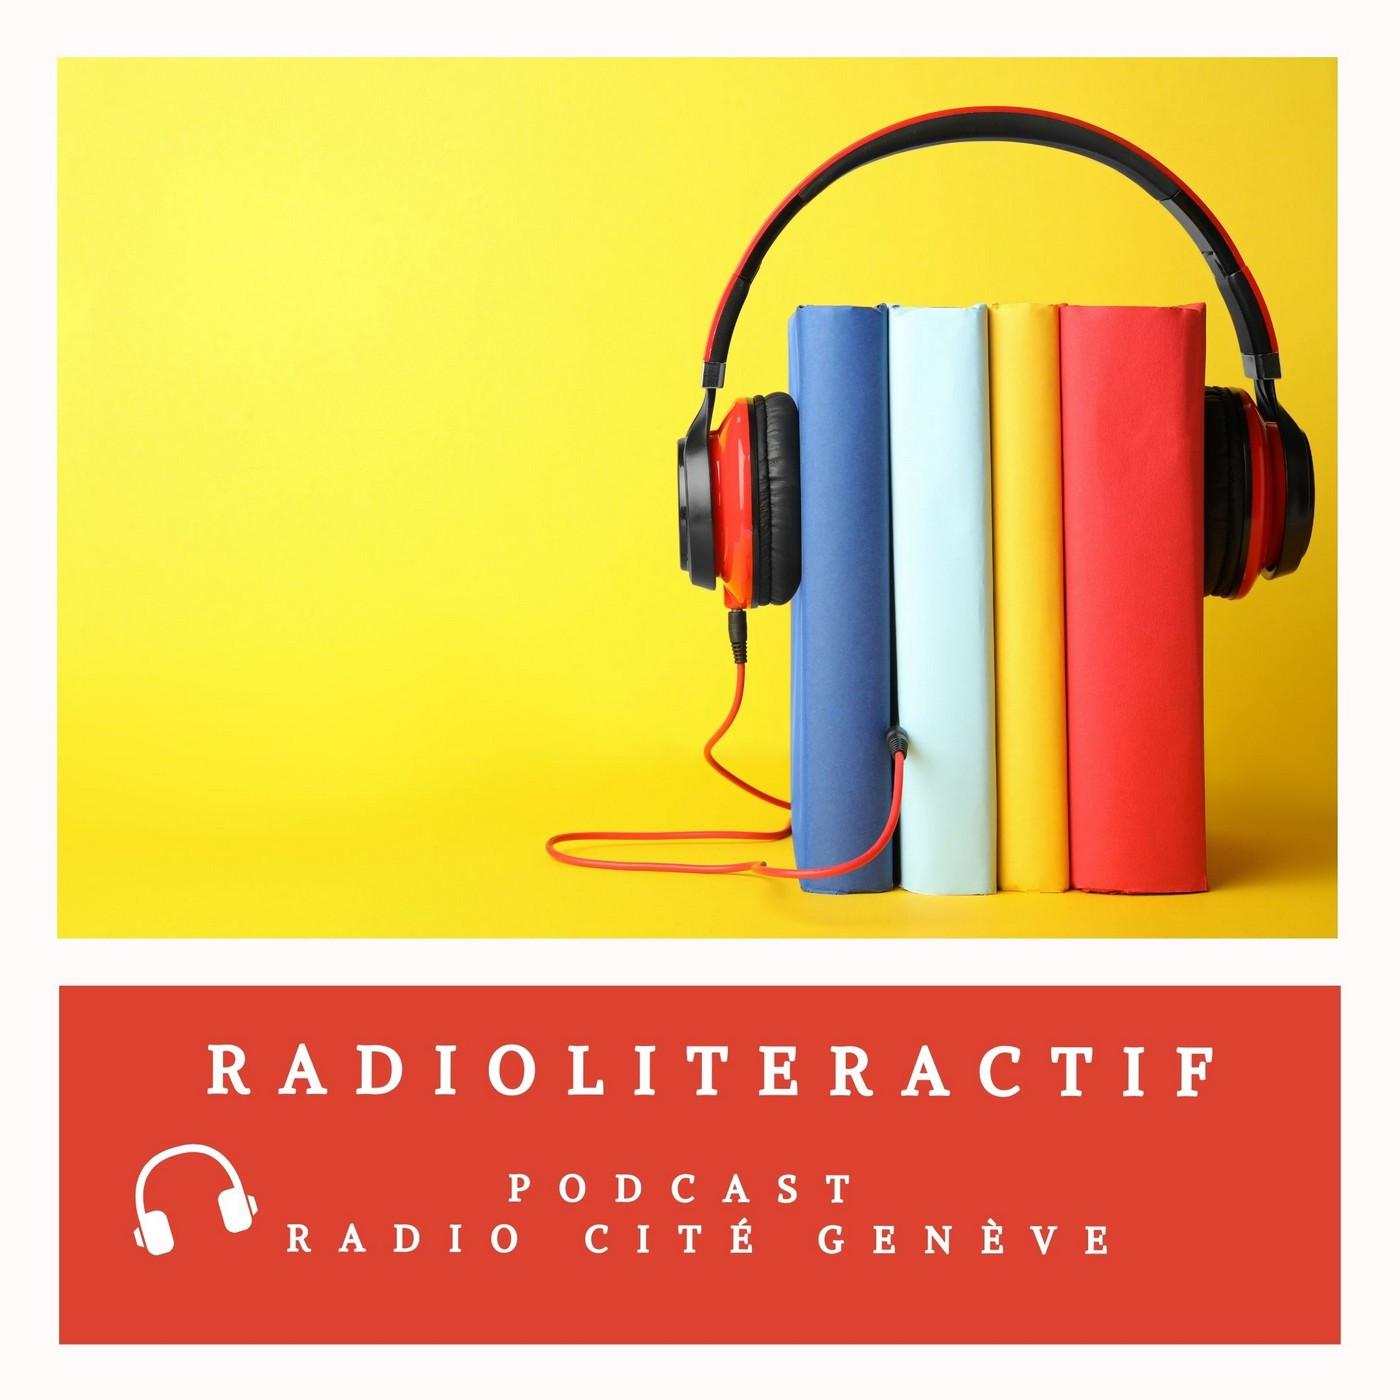 Radioliteractif du 14/12/20 - Marie Javet